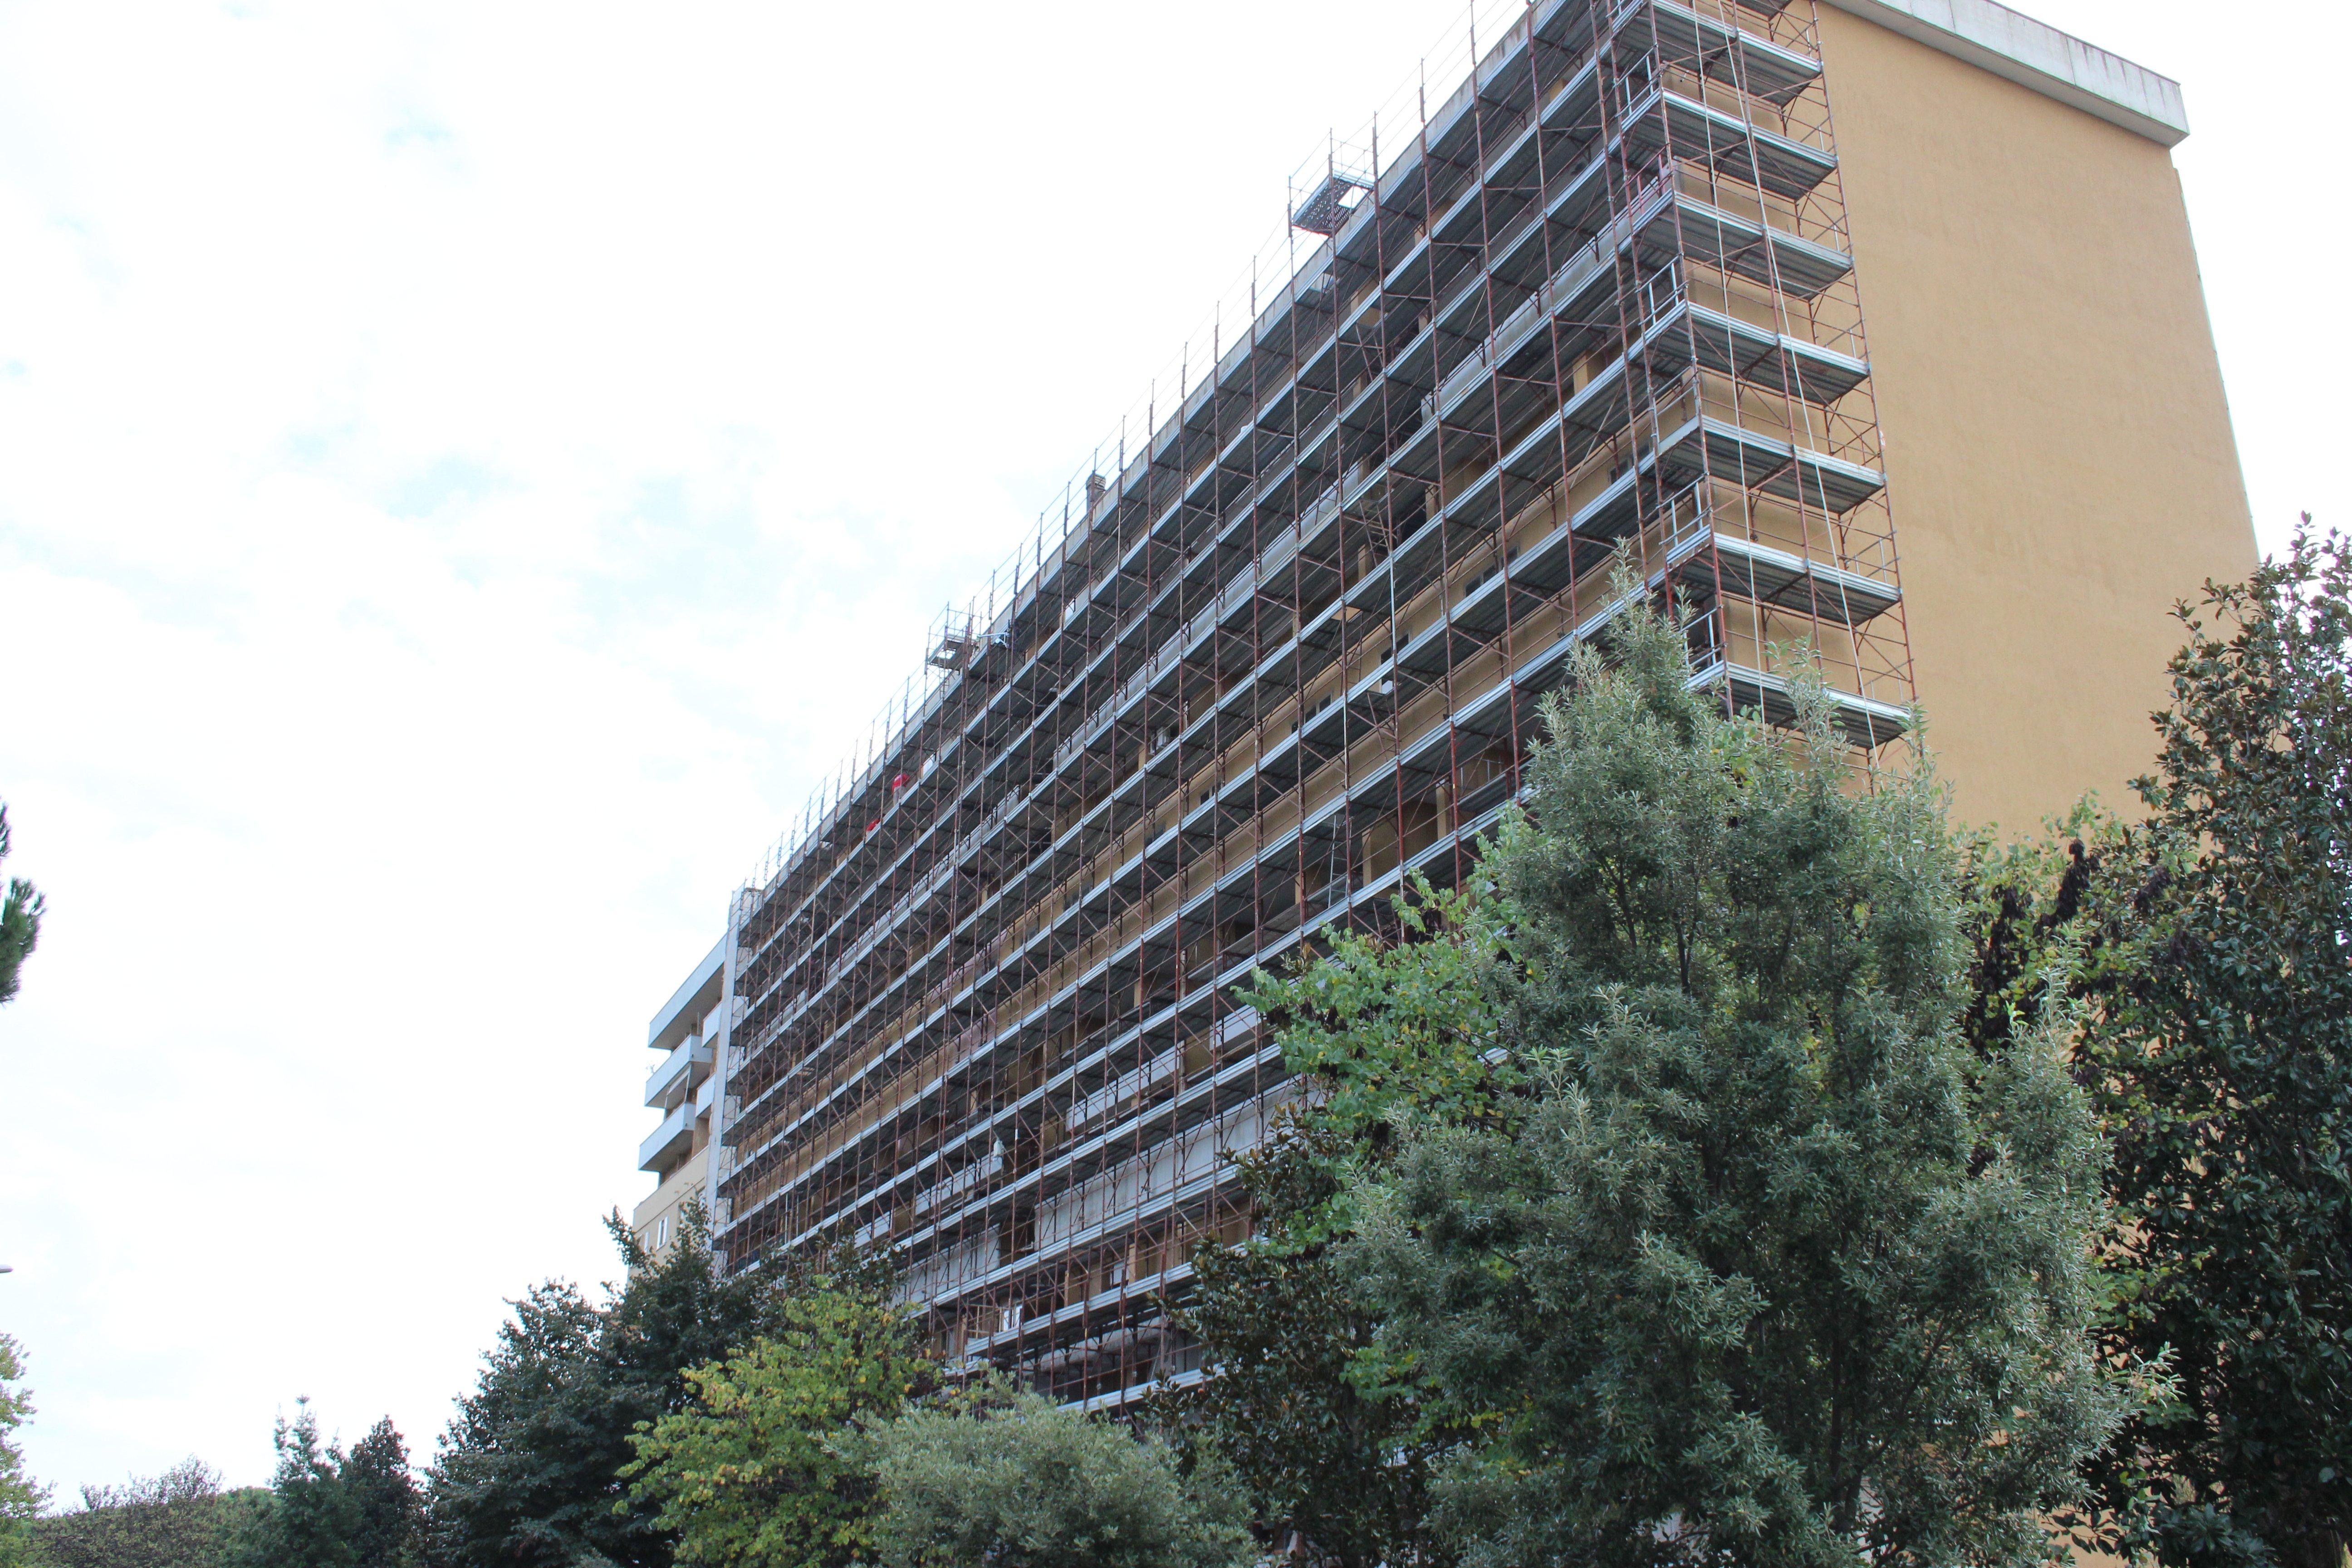 lavori edili, costruzioni edili, manutenzione